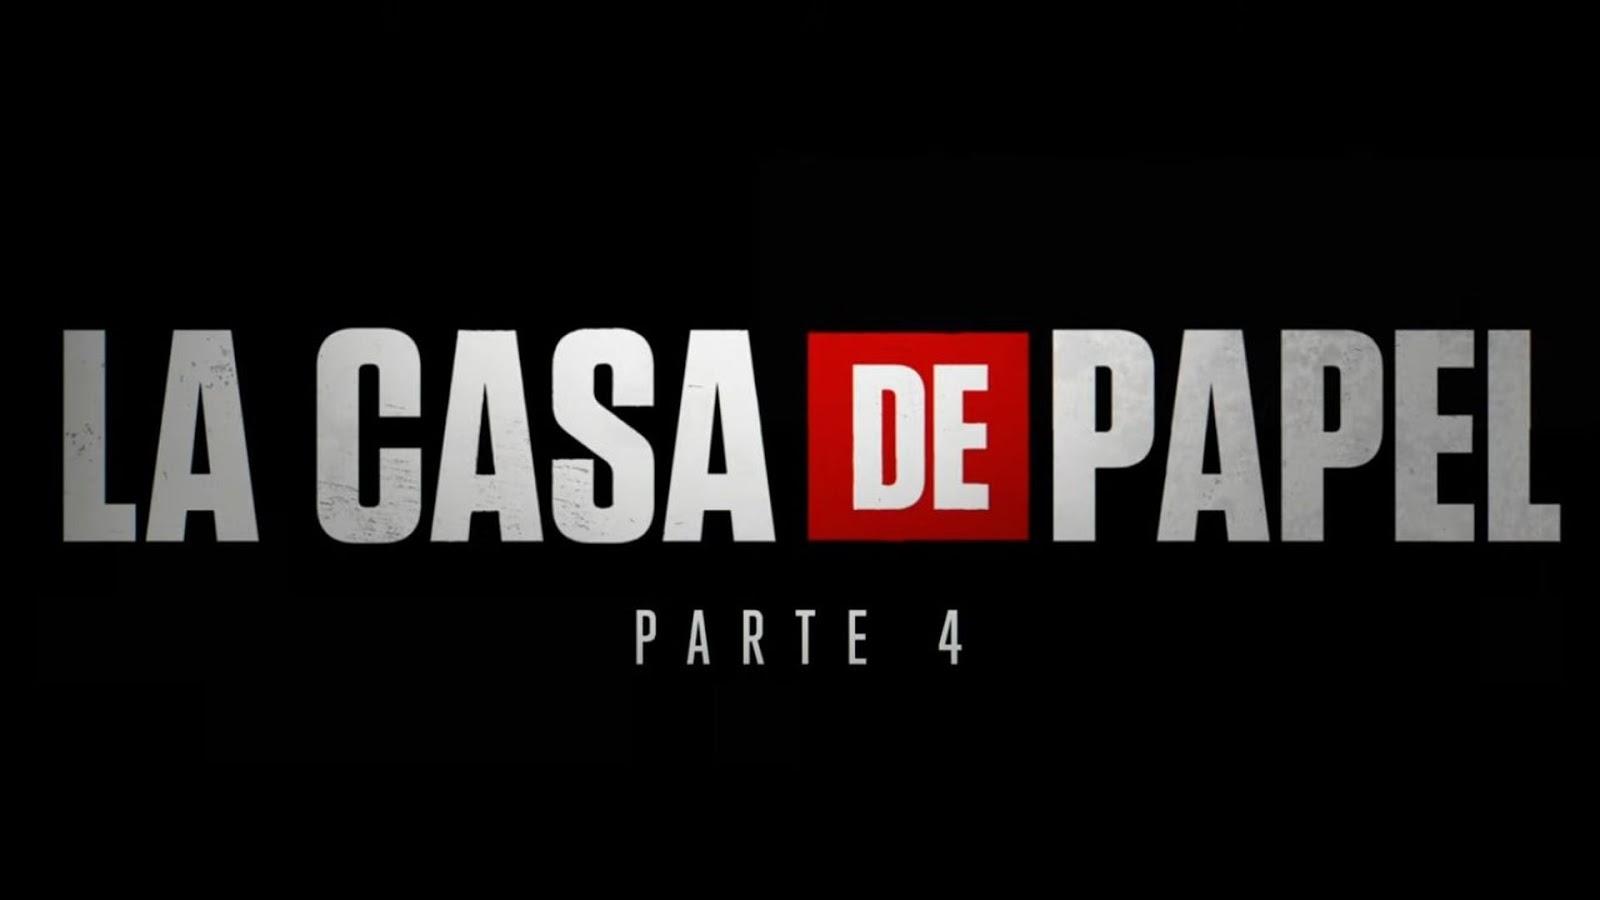 La casa de papel Pt. 4 | Assista ao trailer Oficial